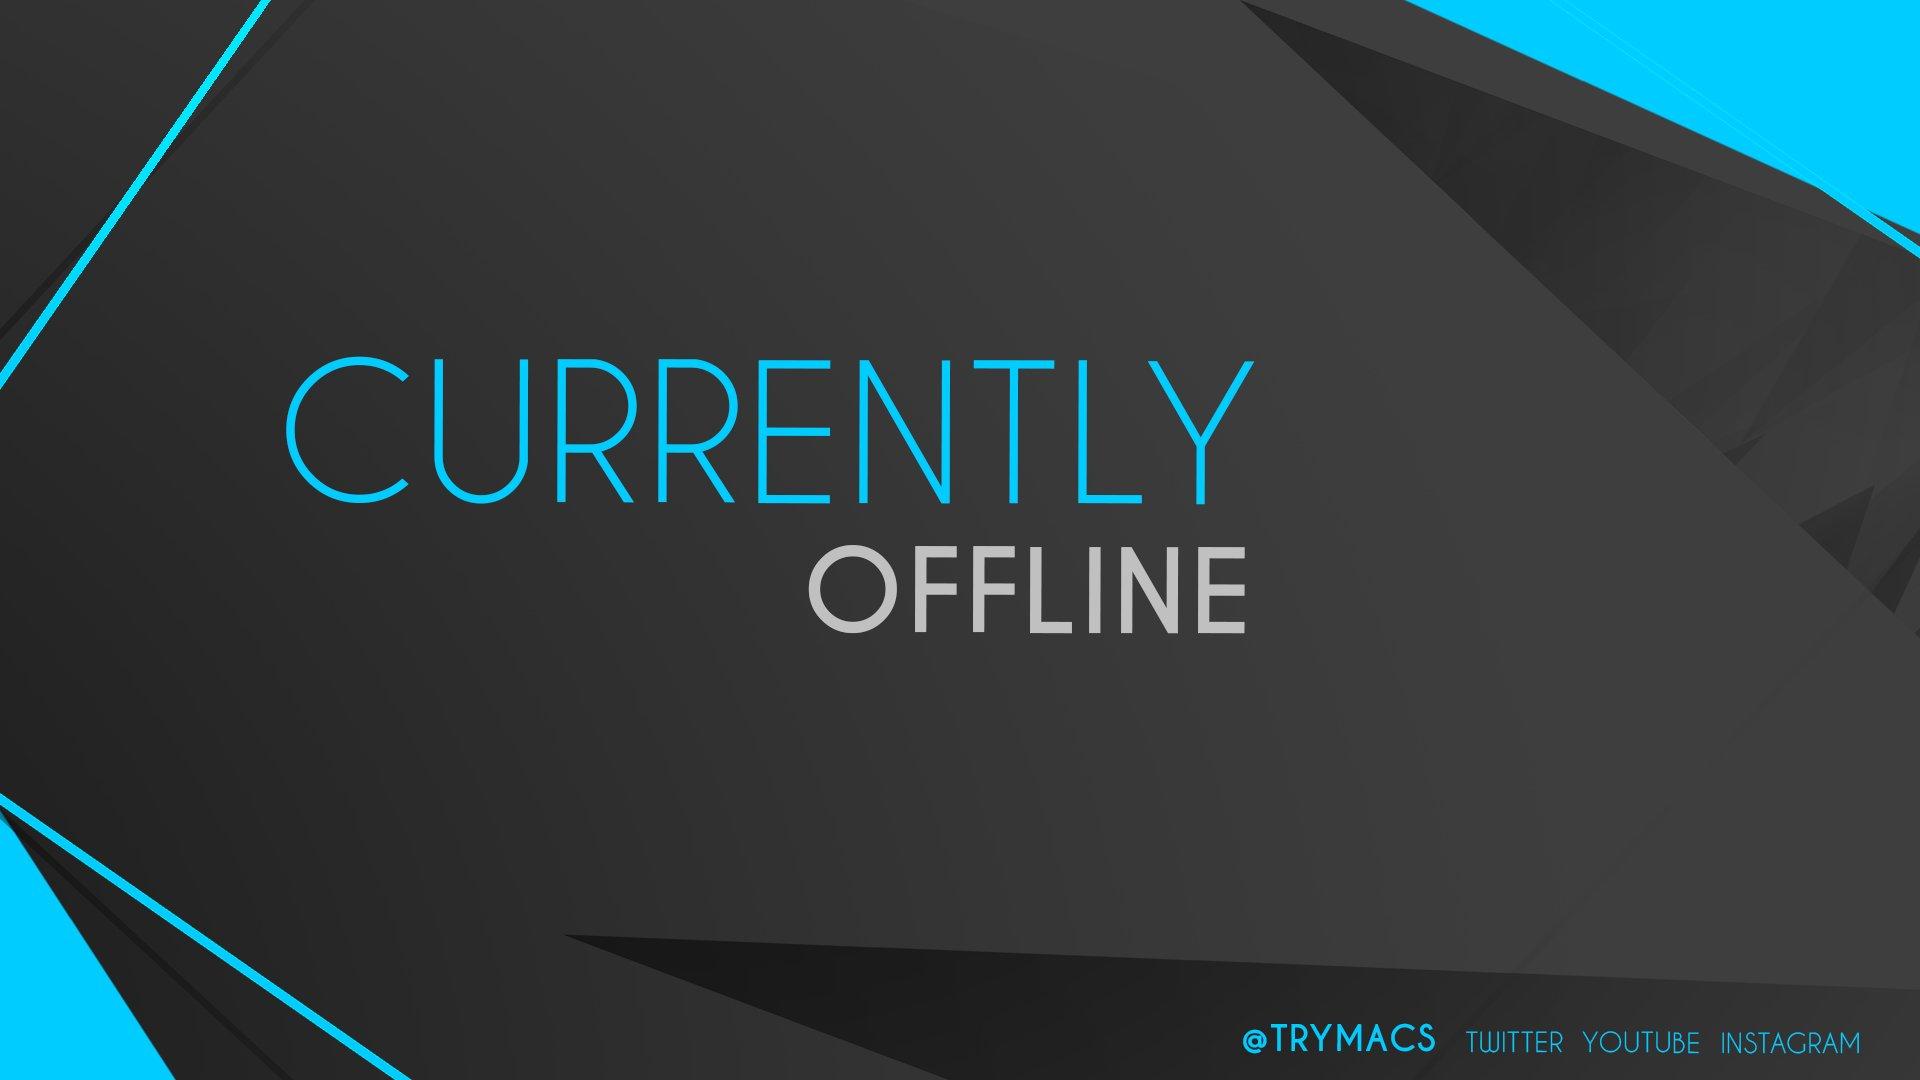 Twitch stream of Trymacs